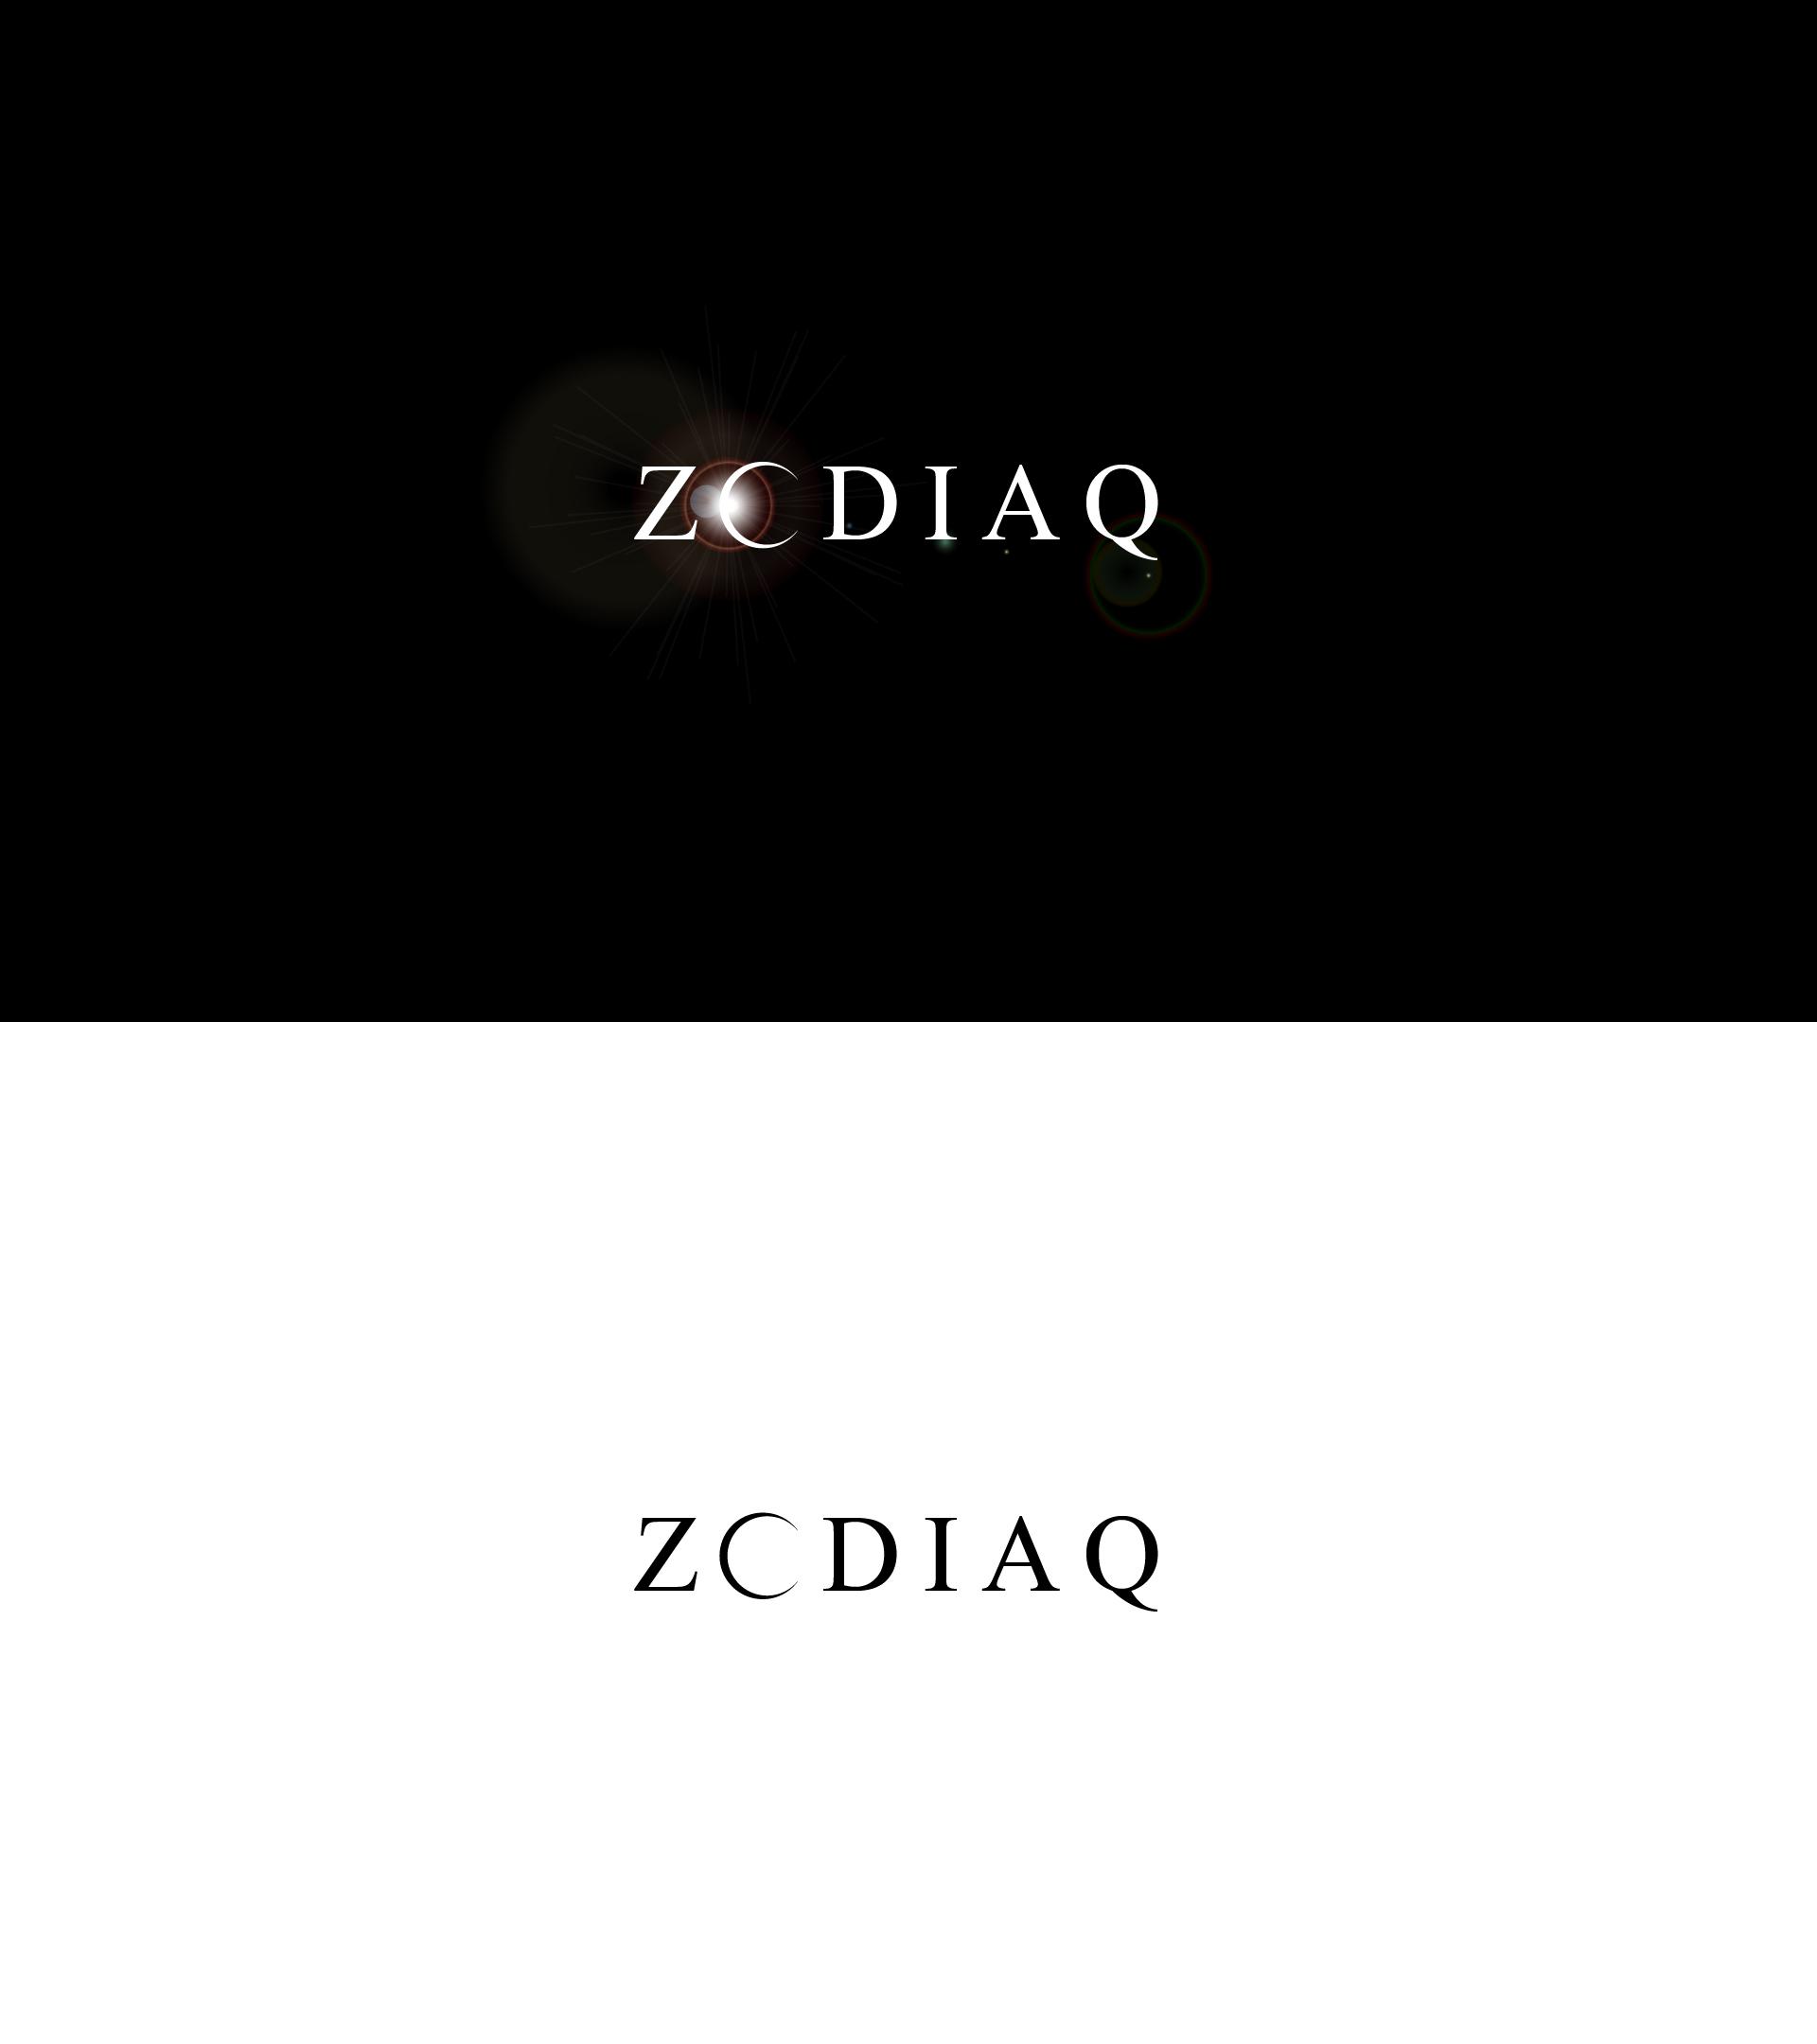 Разработка логотипа и основных элементов стиля фото f_100599066909e9ce.jpg